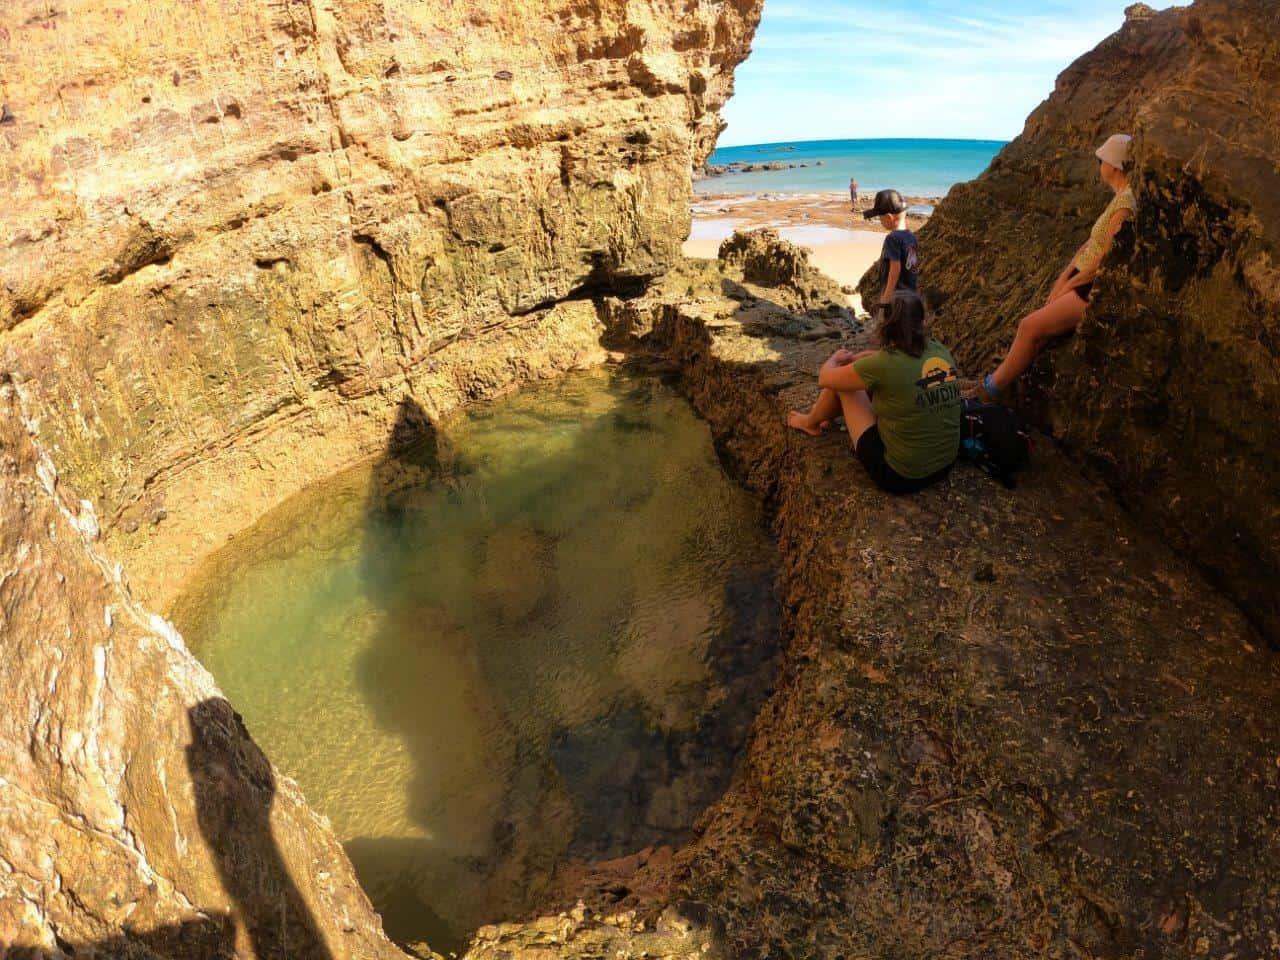 Pender Bay Rock Pool